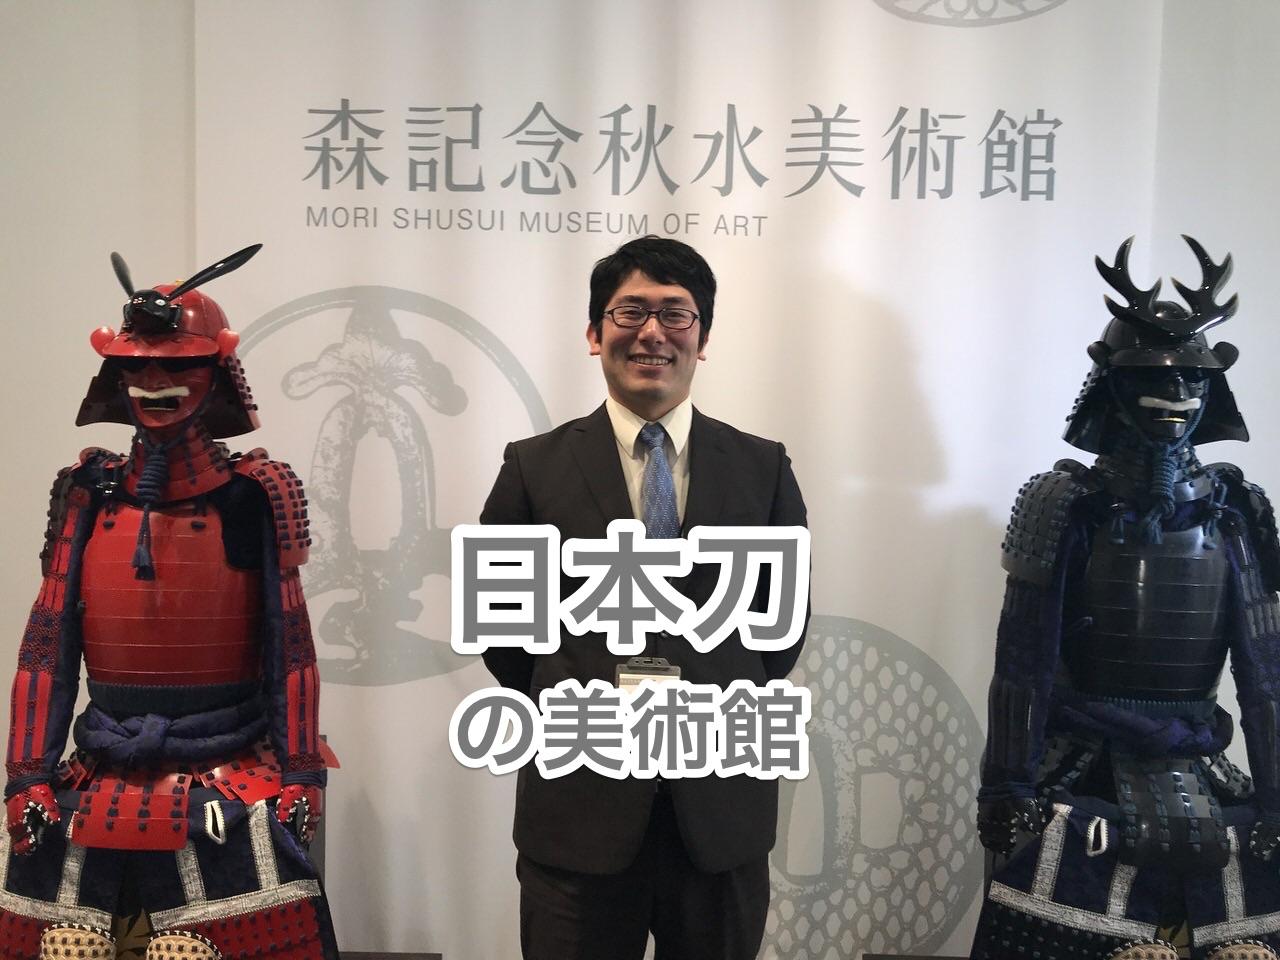 「森記念秋水美術館」刀剣乱舞ファンも訪れる日本刀の美術館